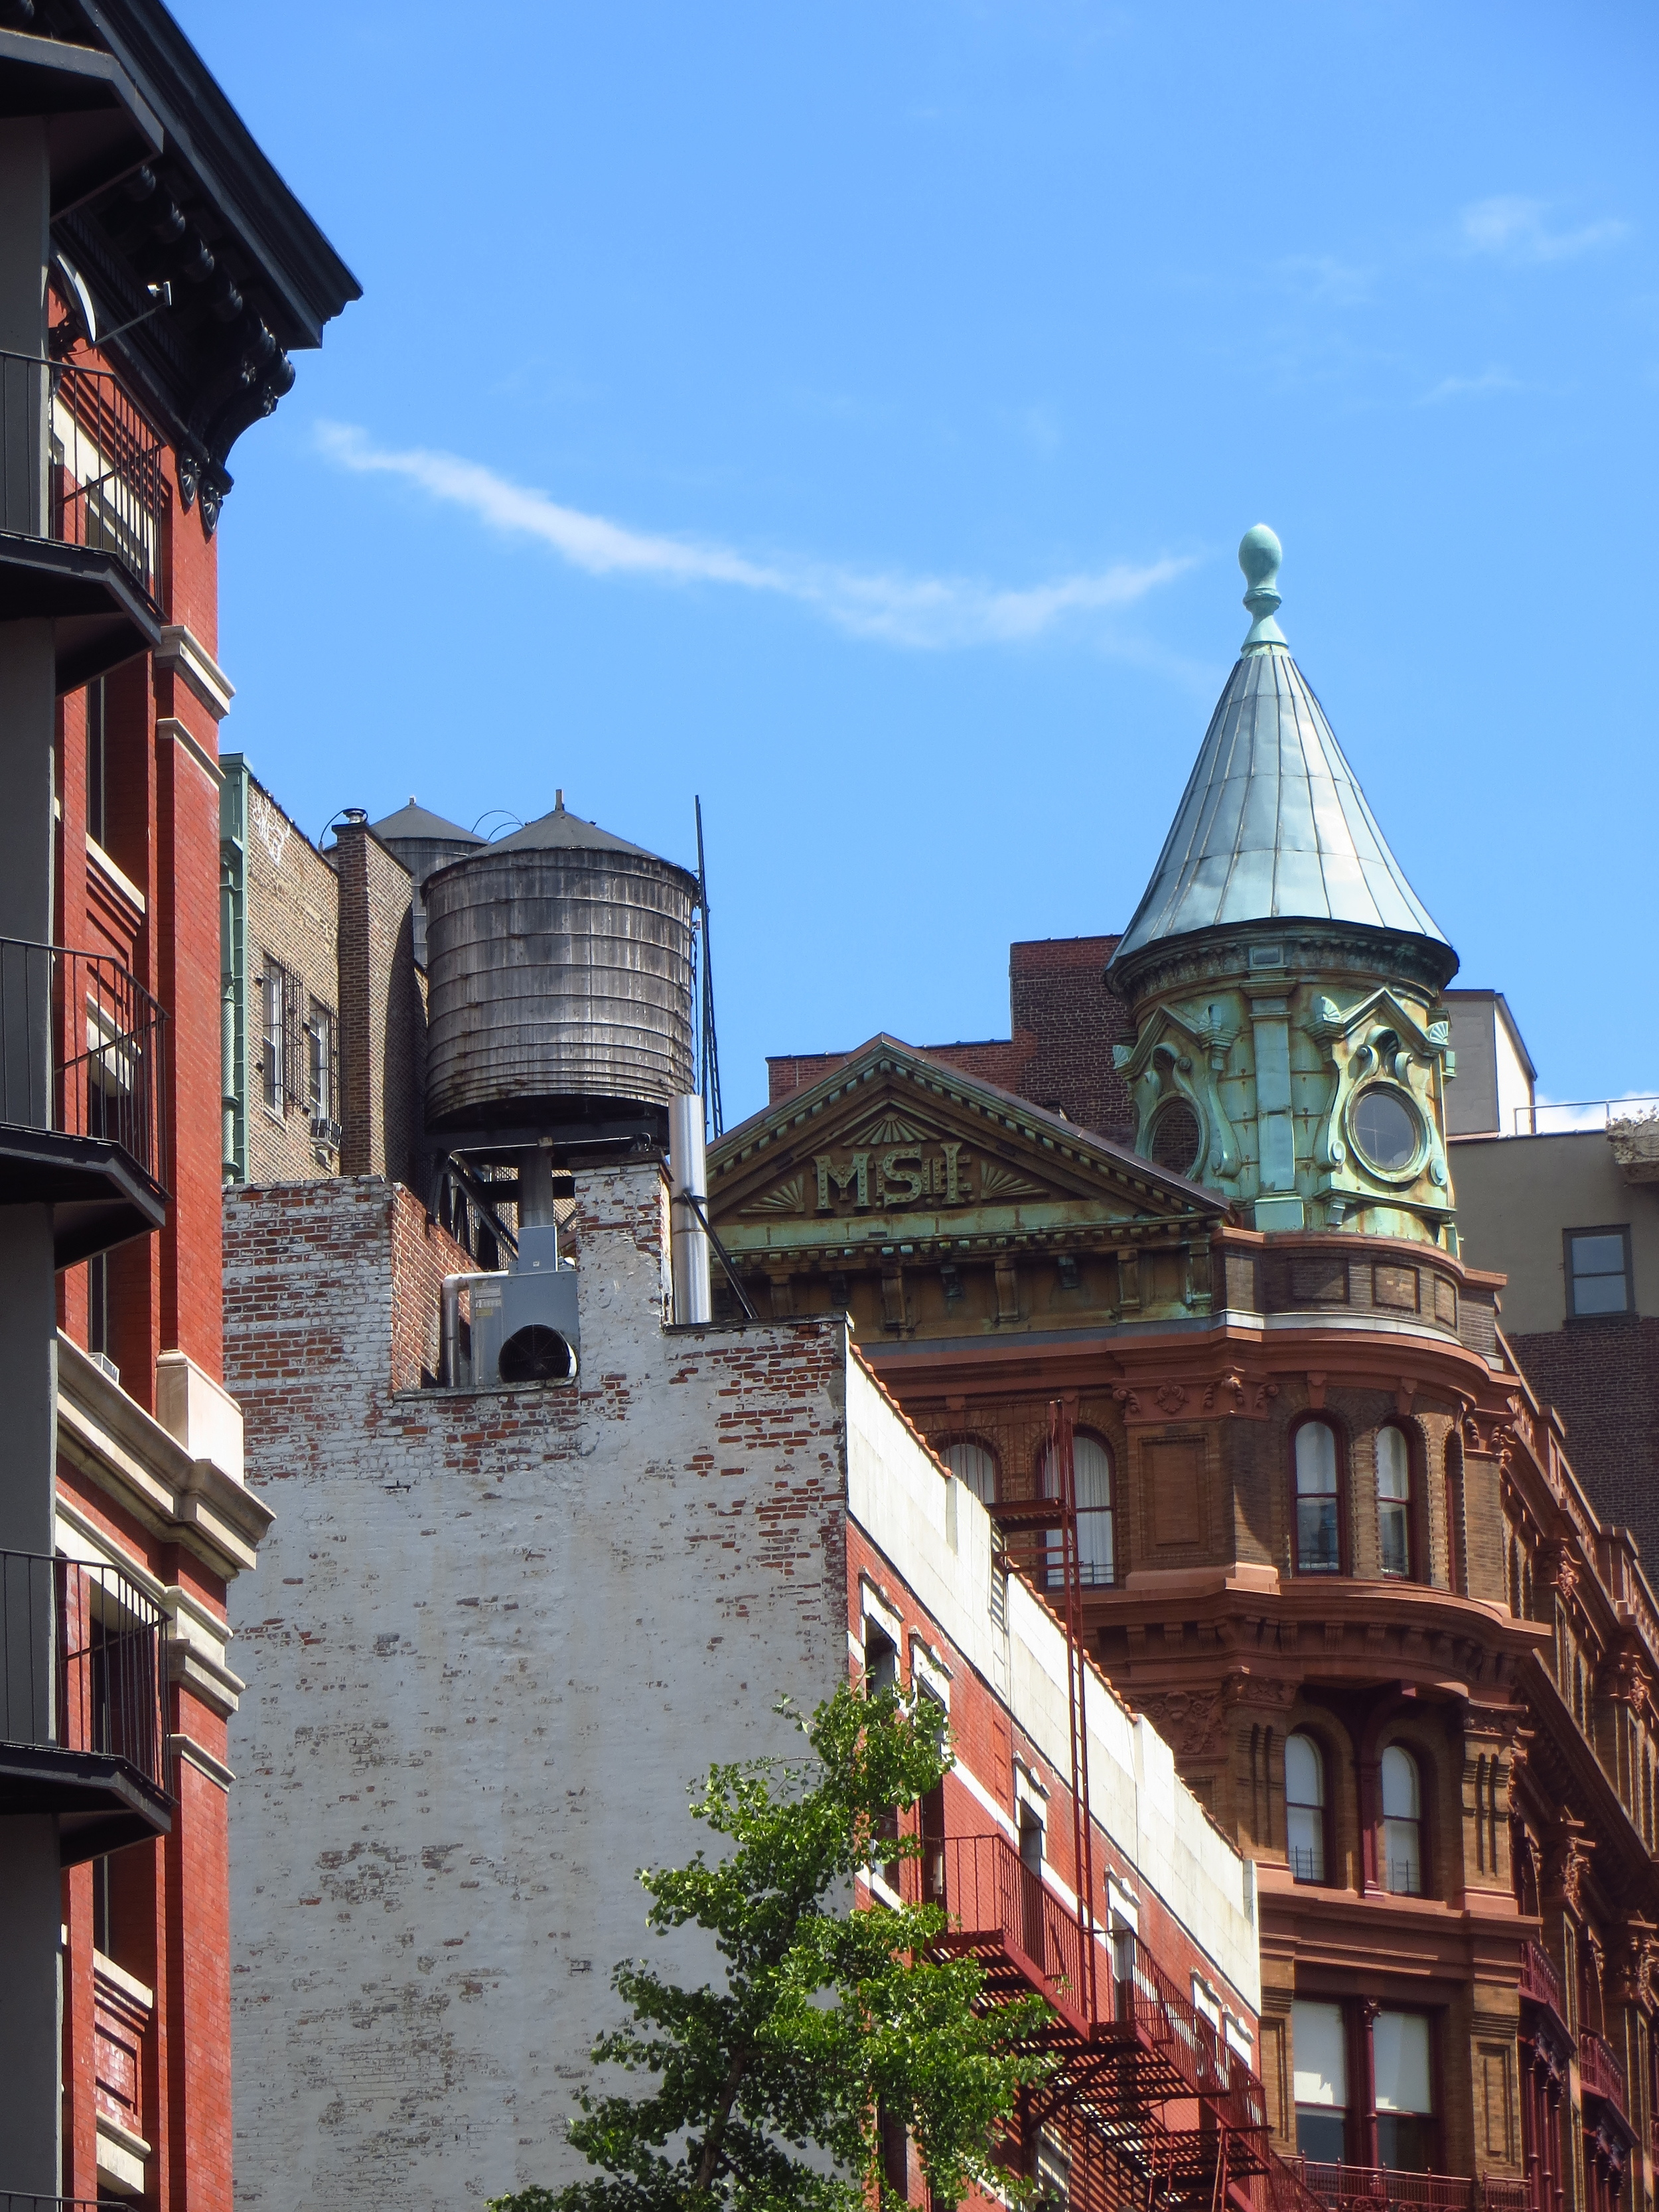 Cool buildings